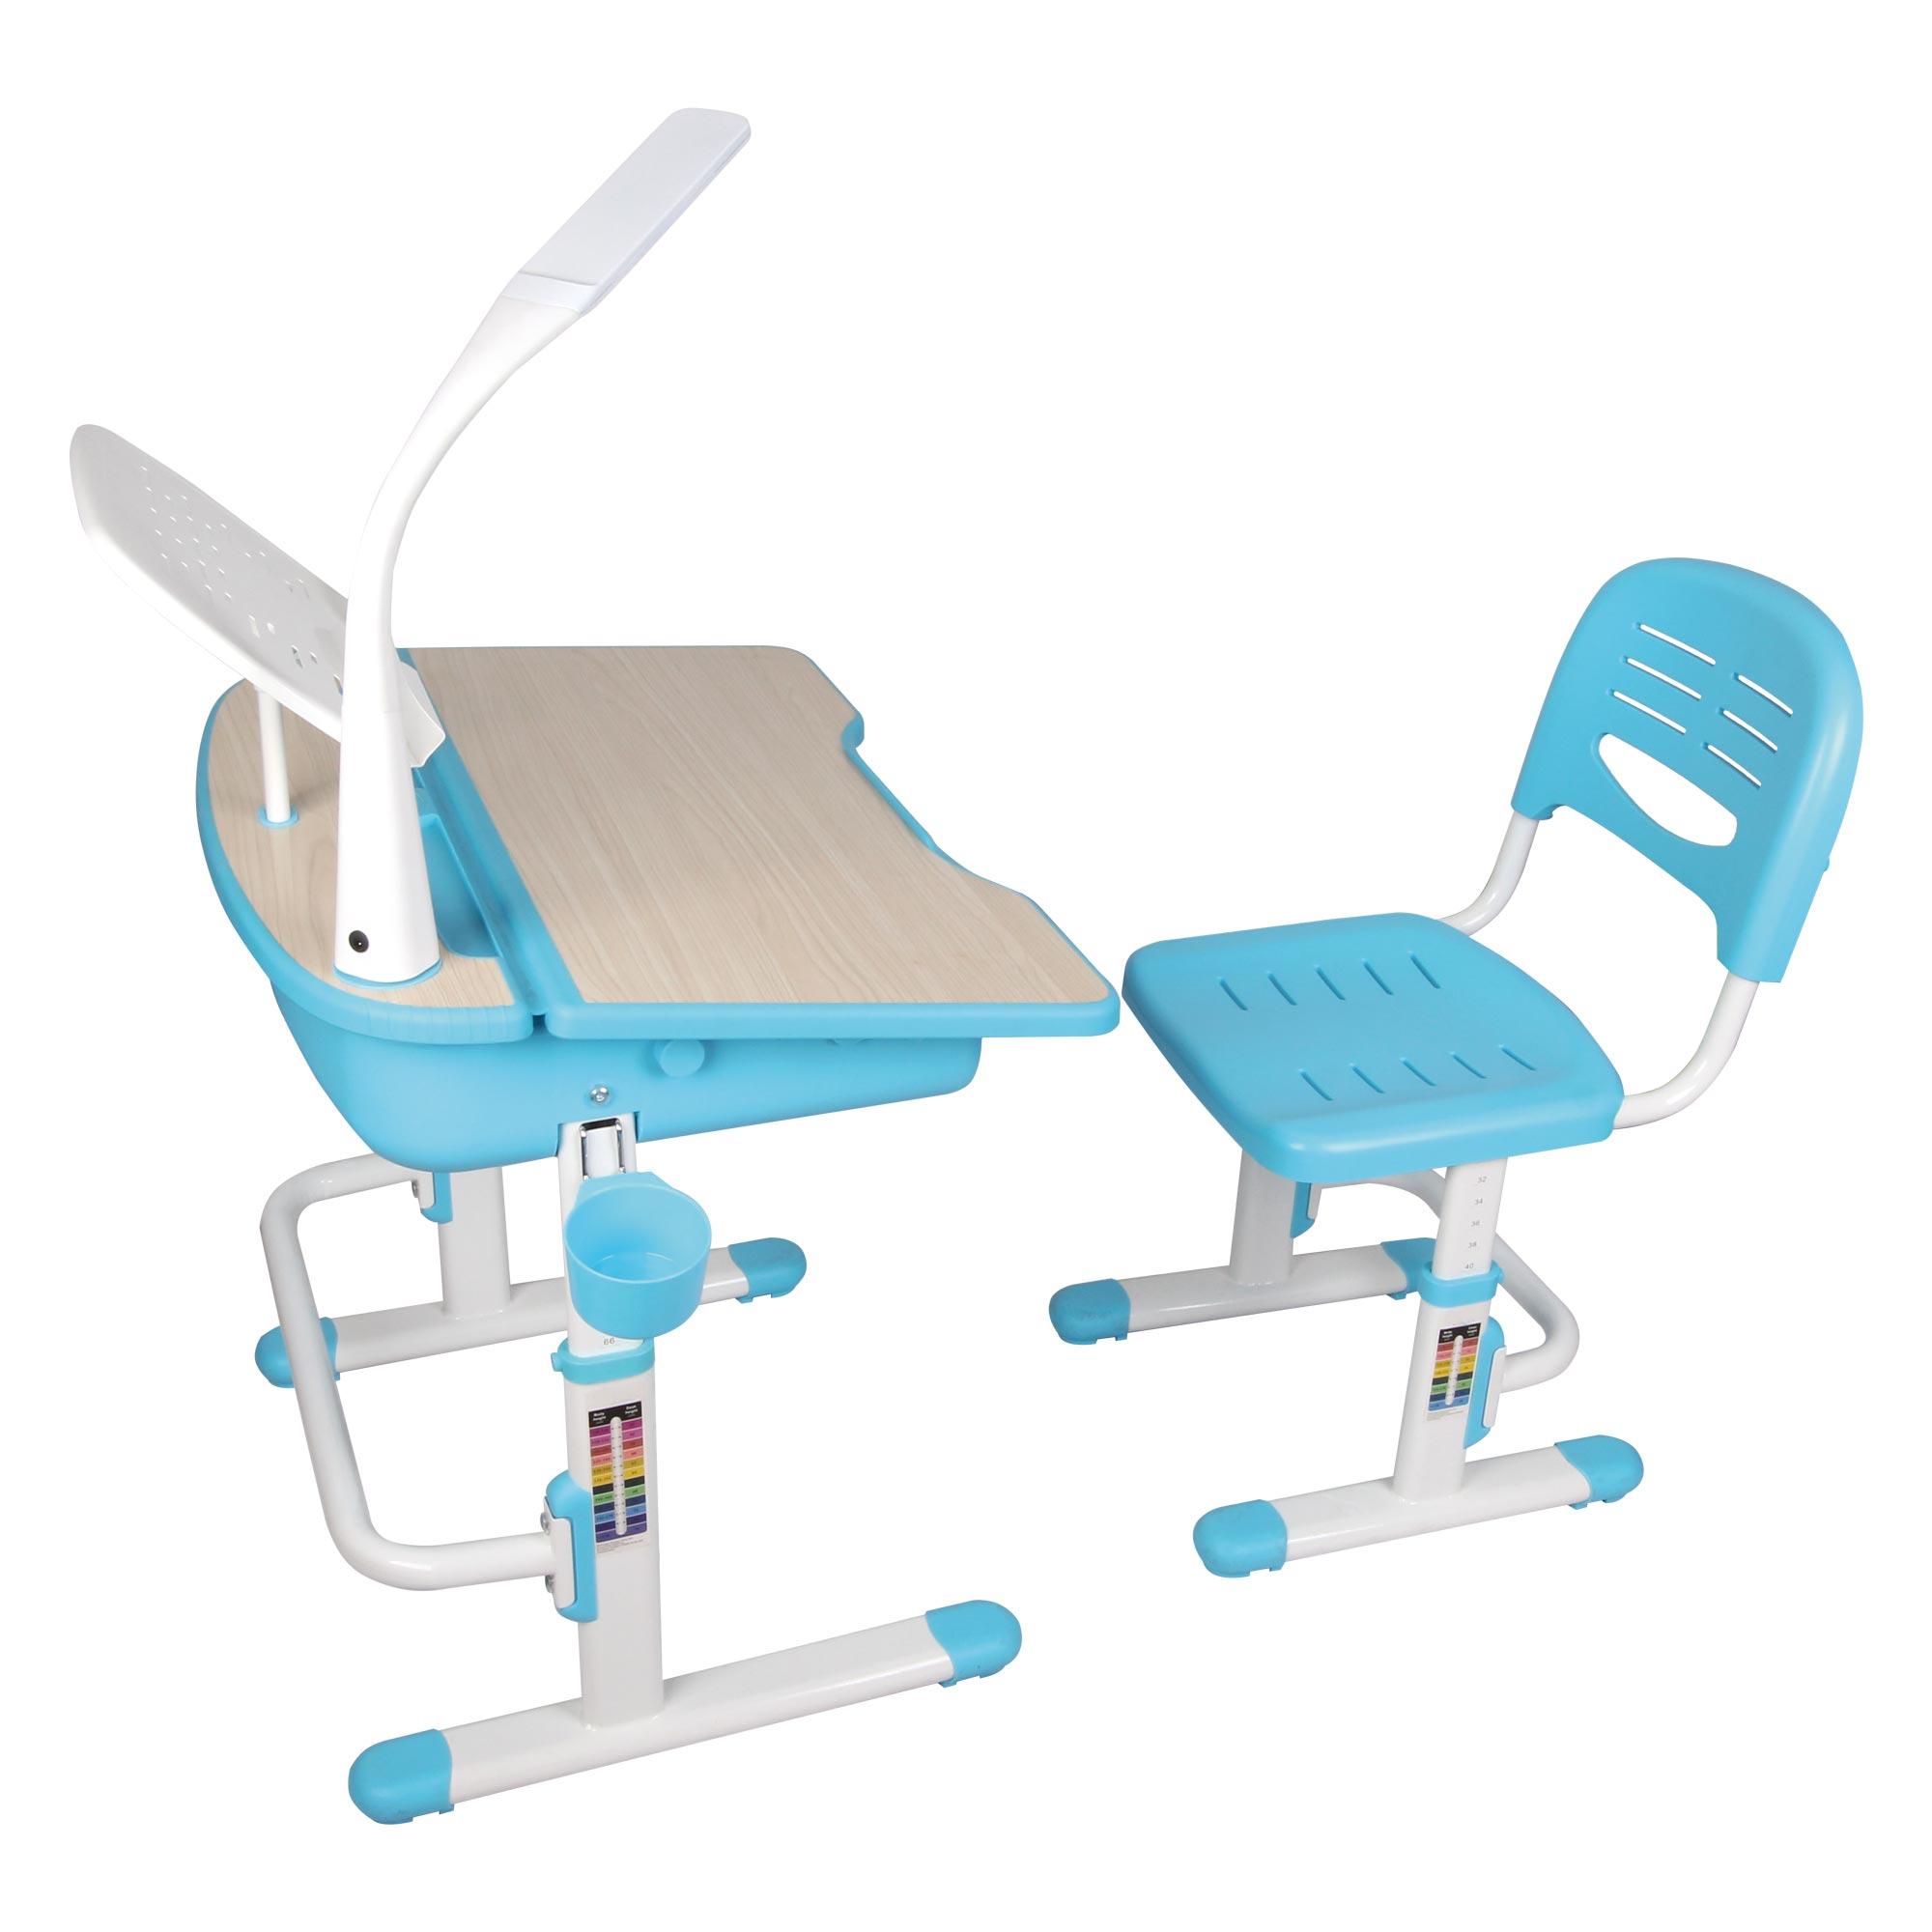 best study chair outdoor glider chairs desk quality children desks  height